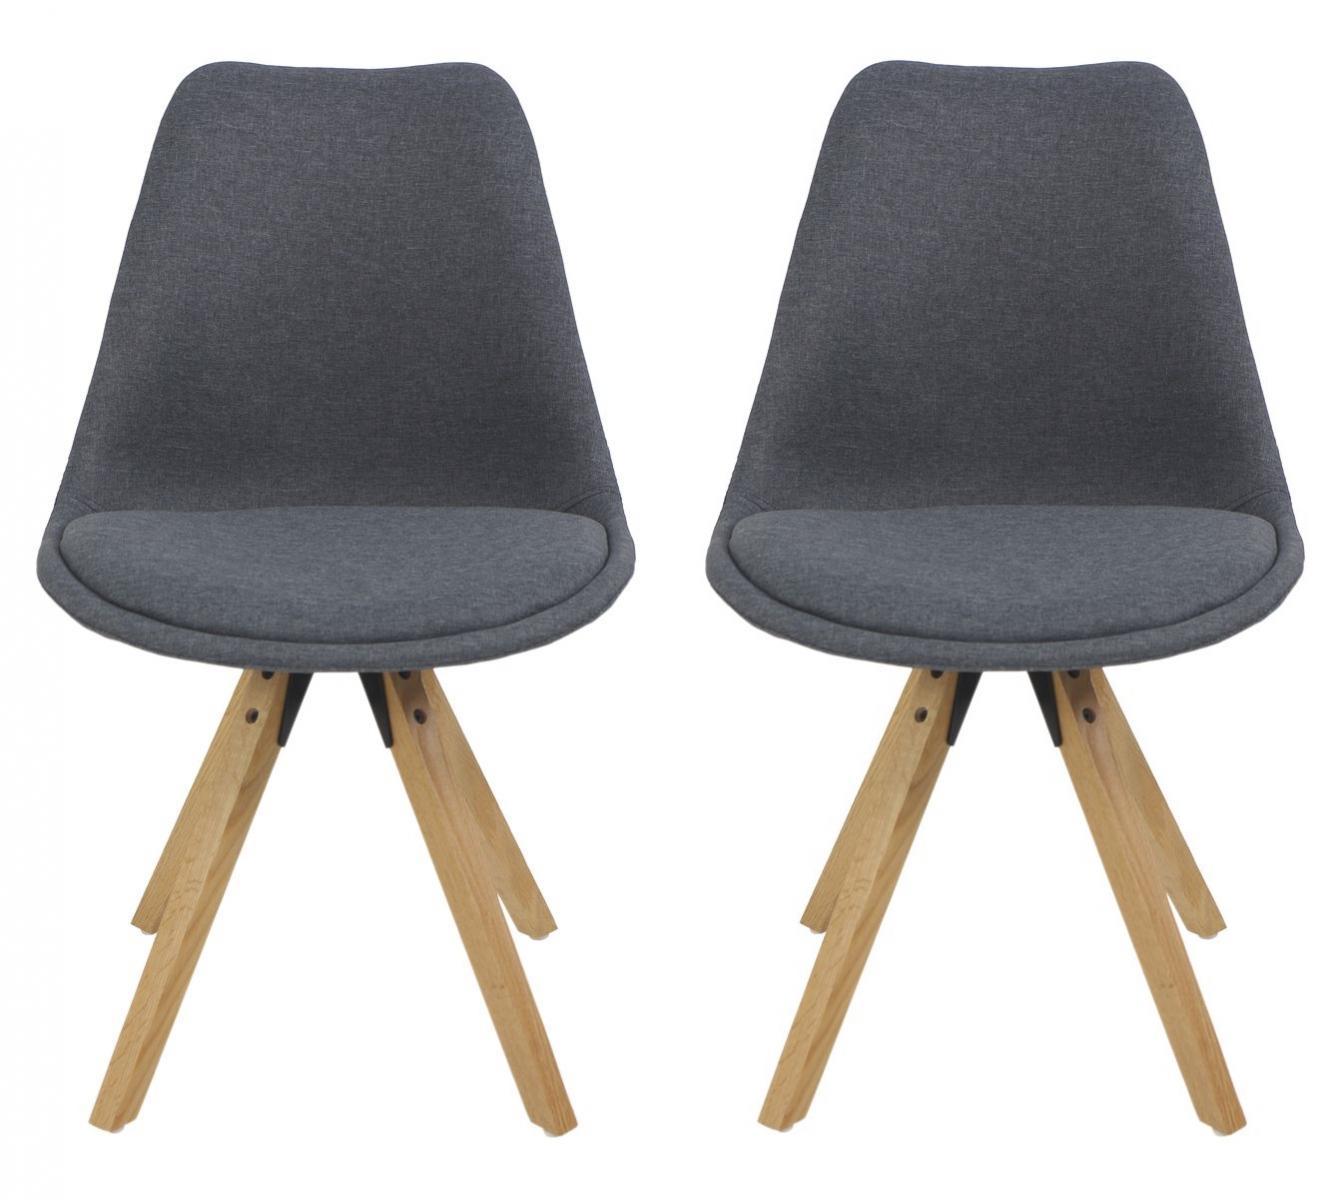 Dwa Krzesła Tapicerowane Szare Z Nogami Drewnianymi I Poduszką